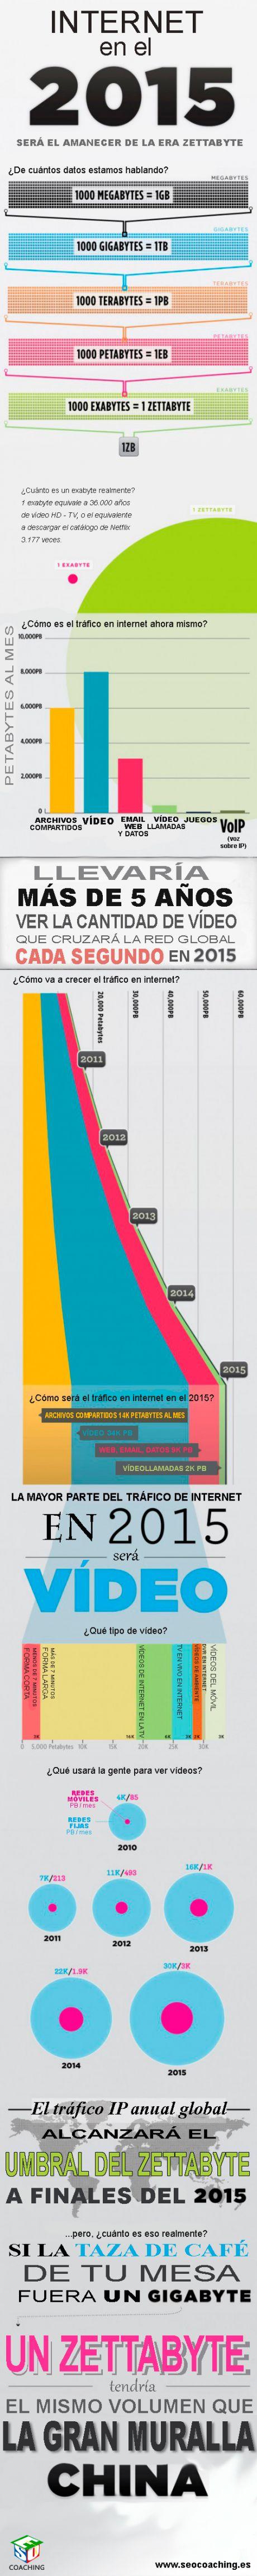 Internet en el #2015 llegará al #zettabyte gracias al éxito de los vídeos como formato para crear #contenidoweb. #infografia #videomarketing